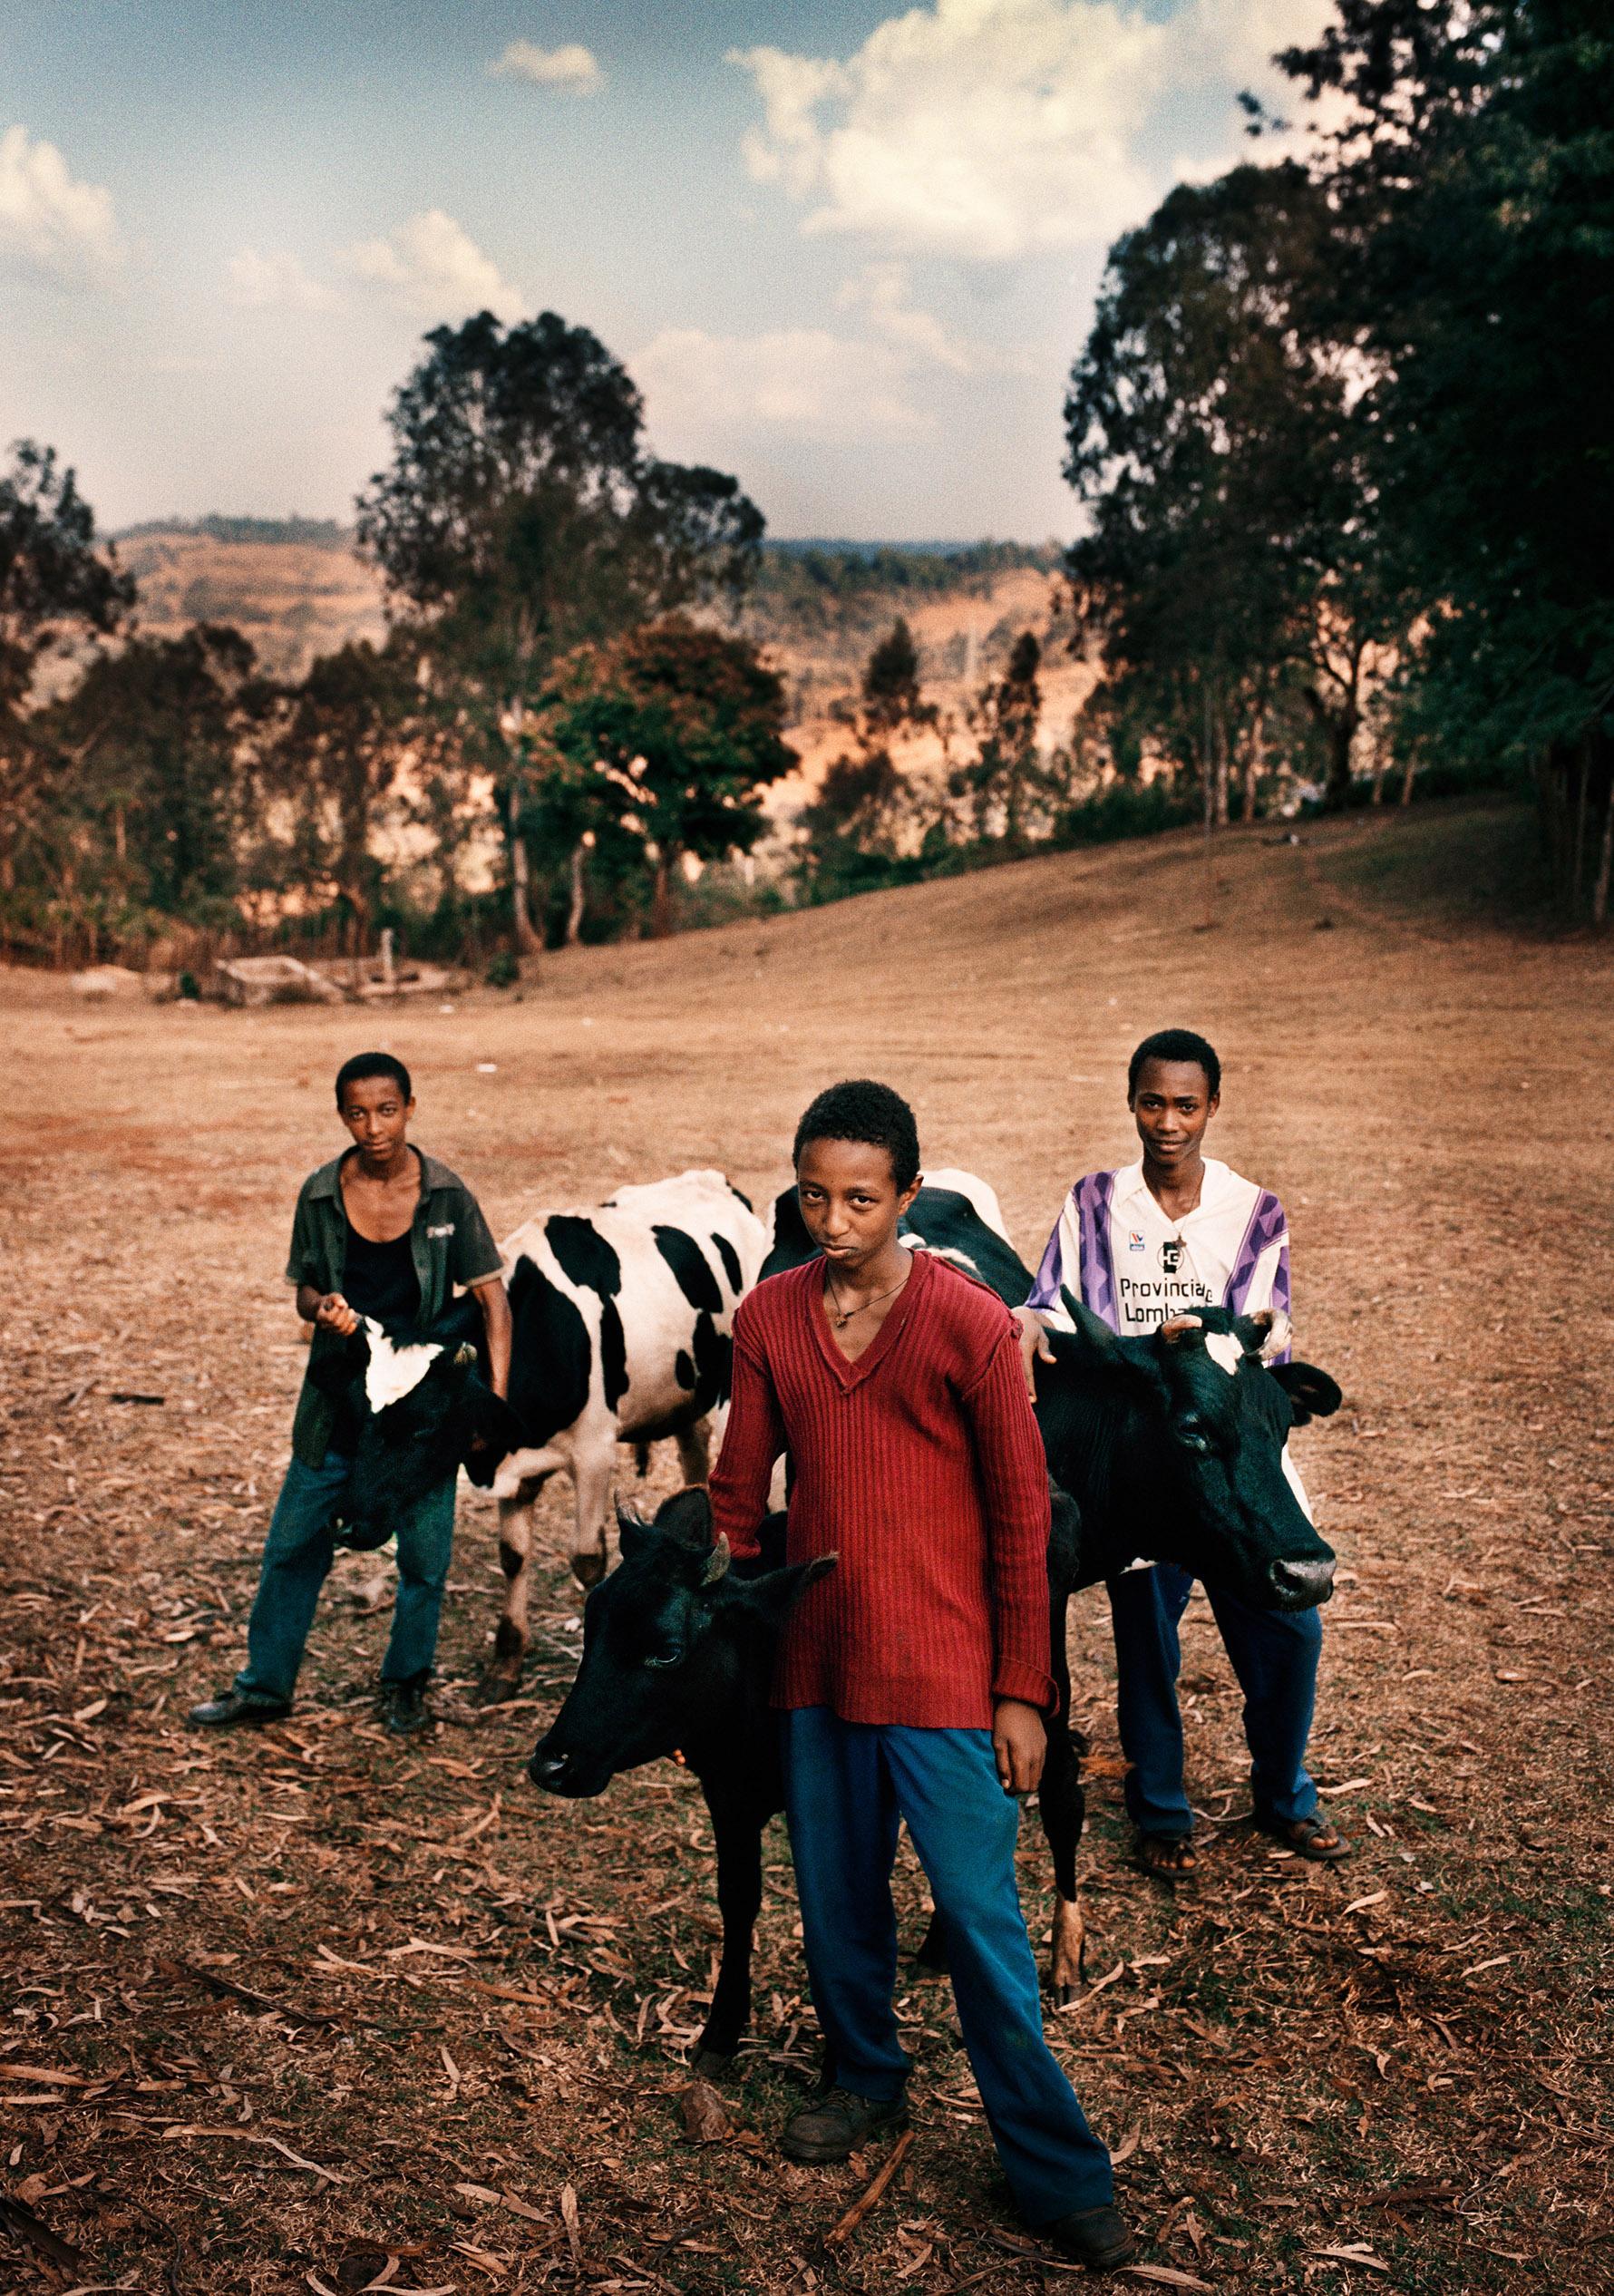 ethiopia_3.jpg